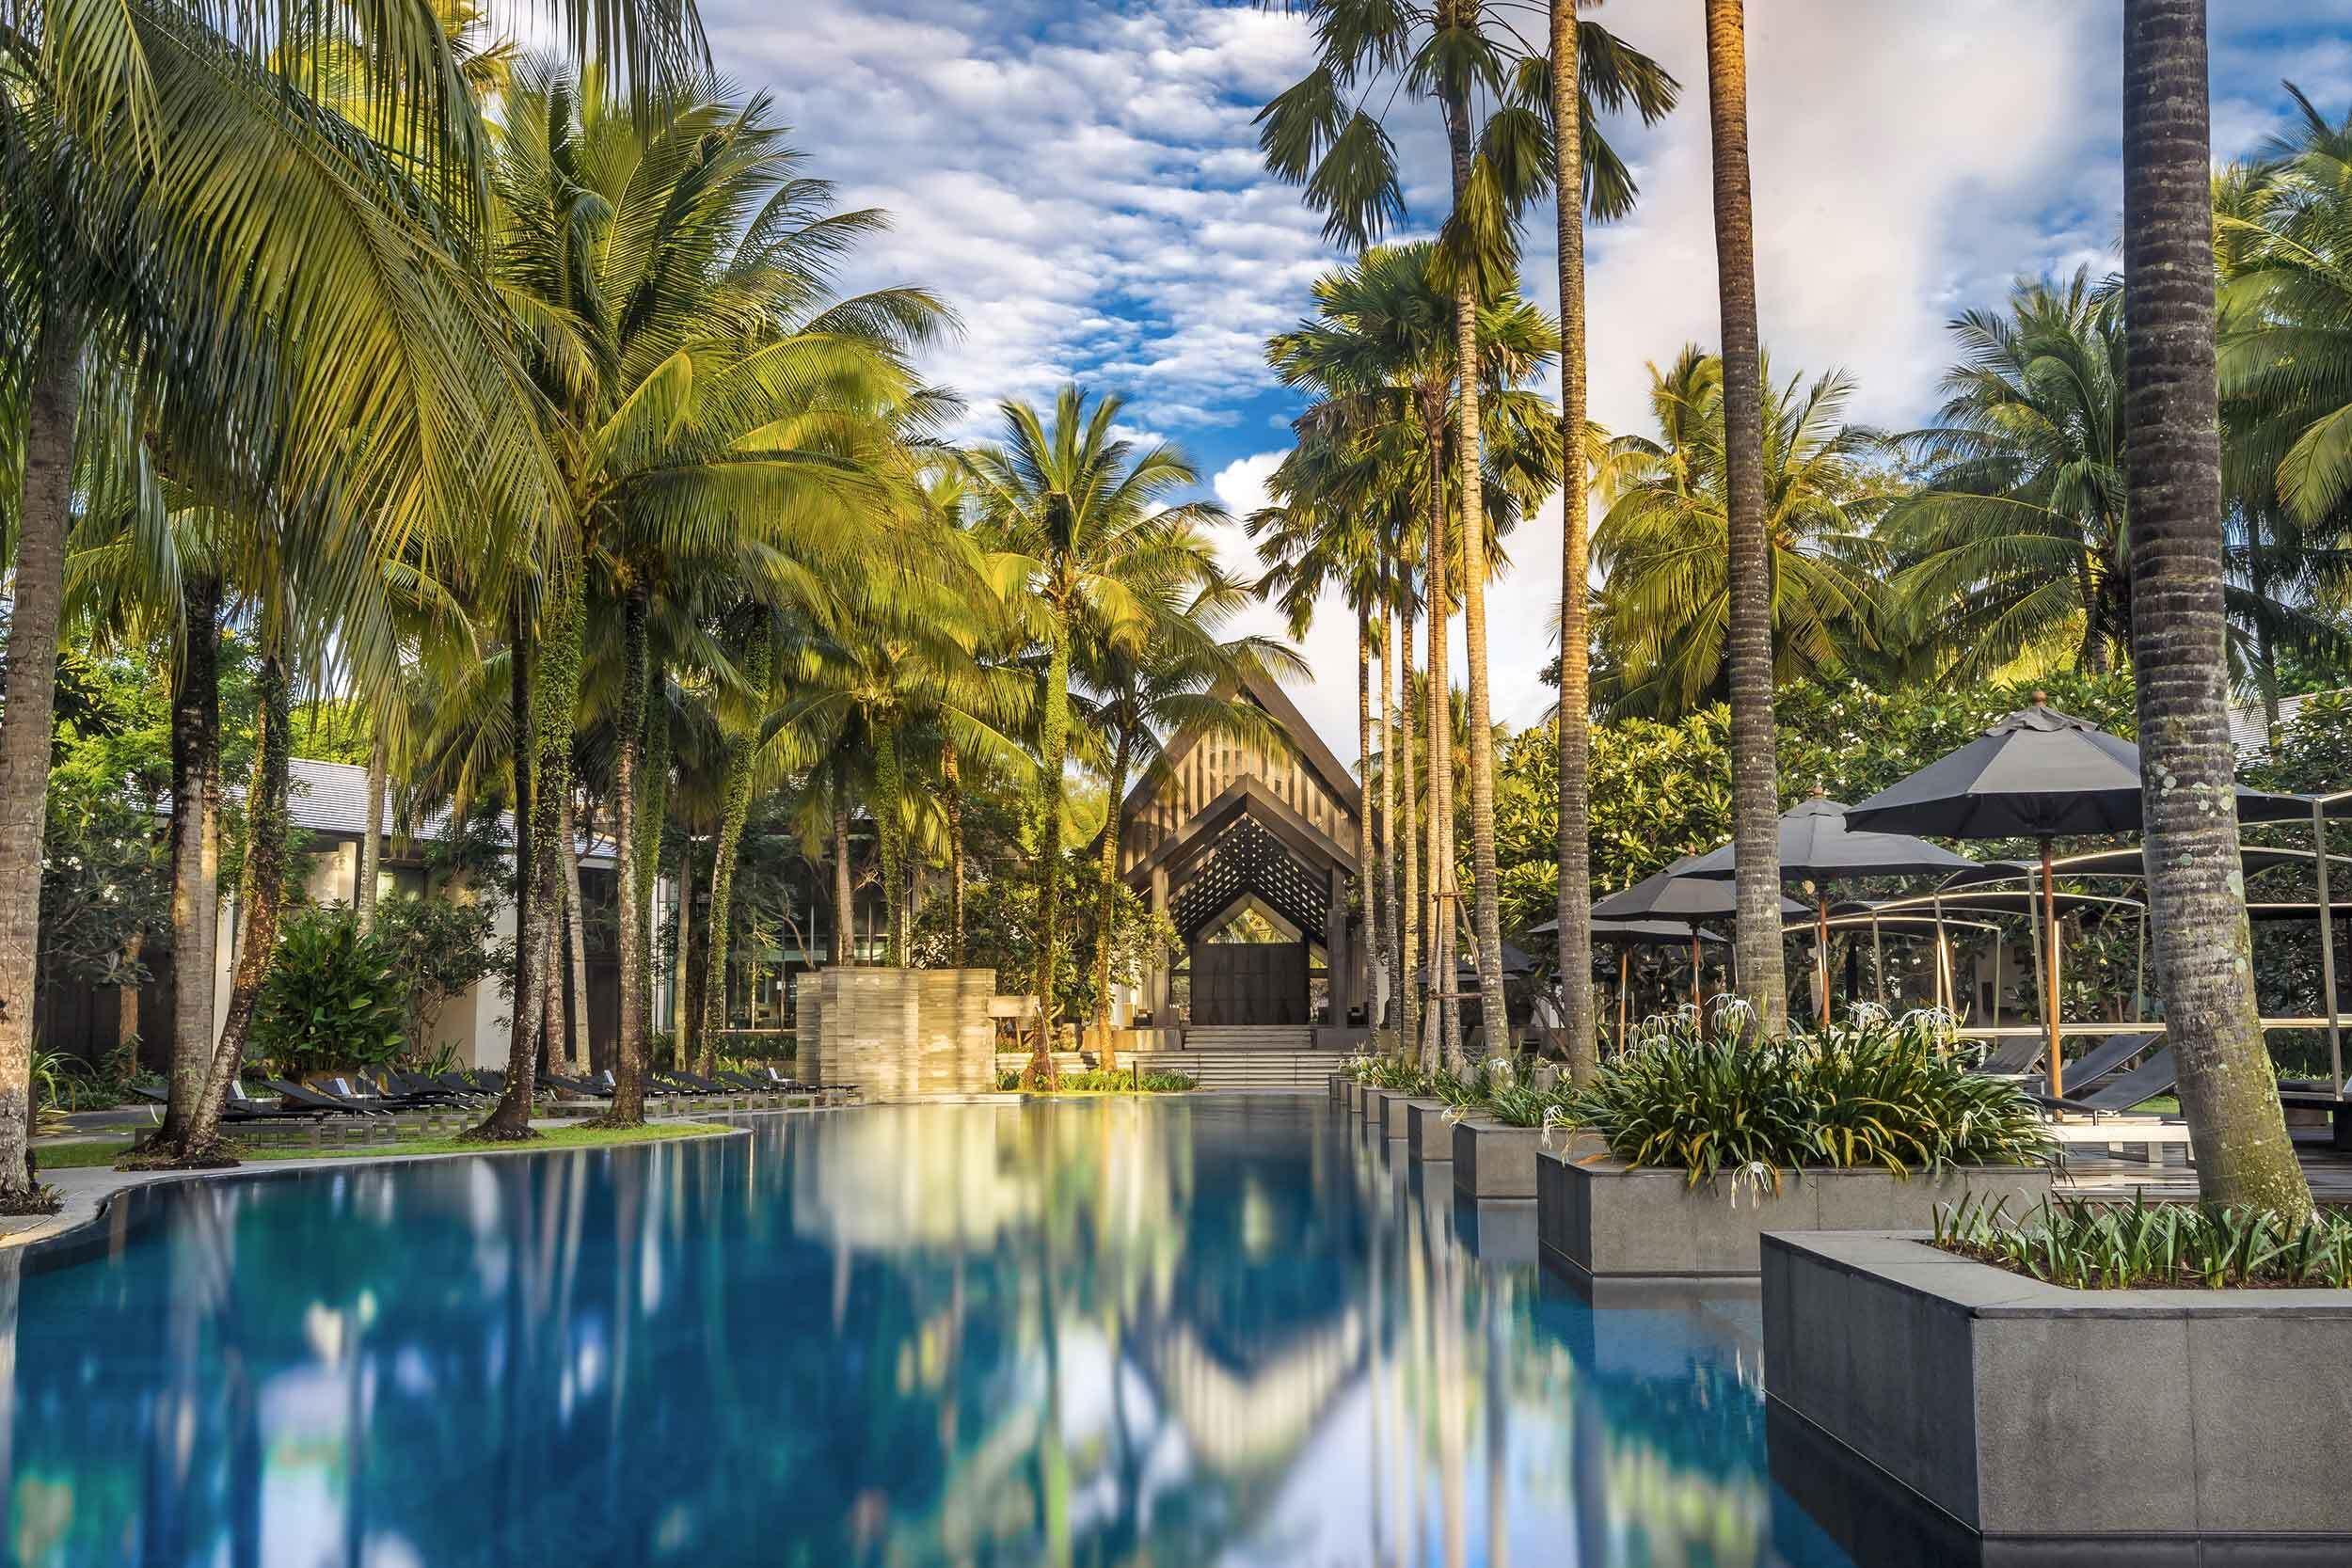 Twinpalms-Phuket-Resort